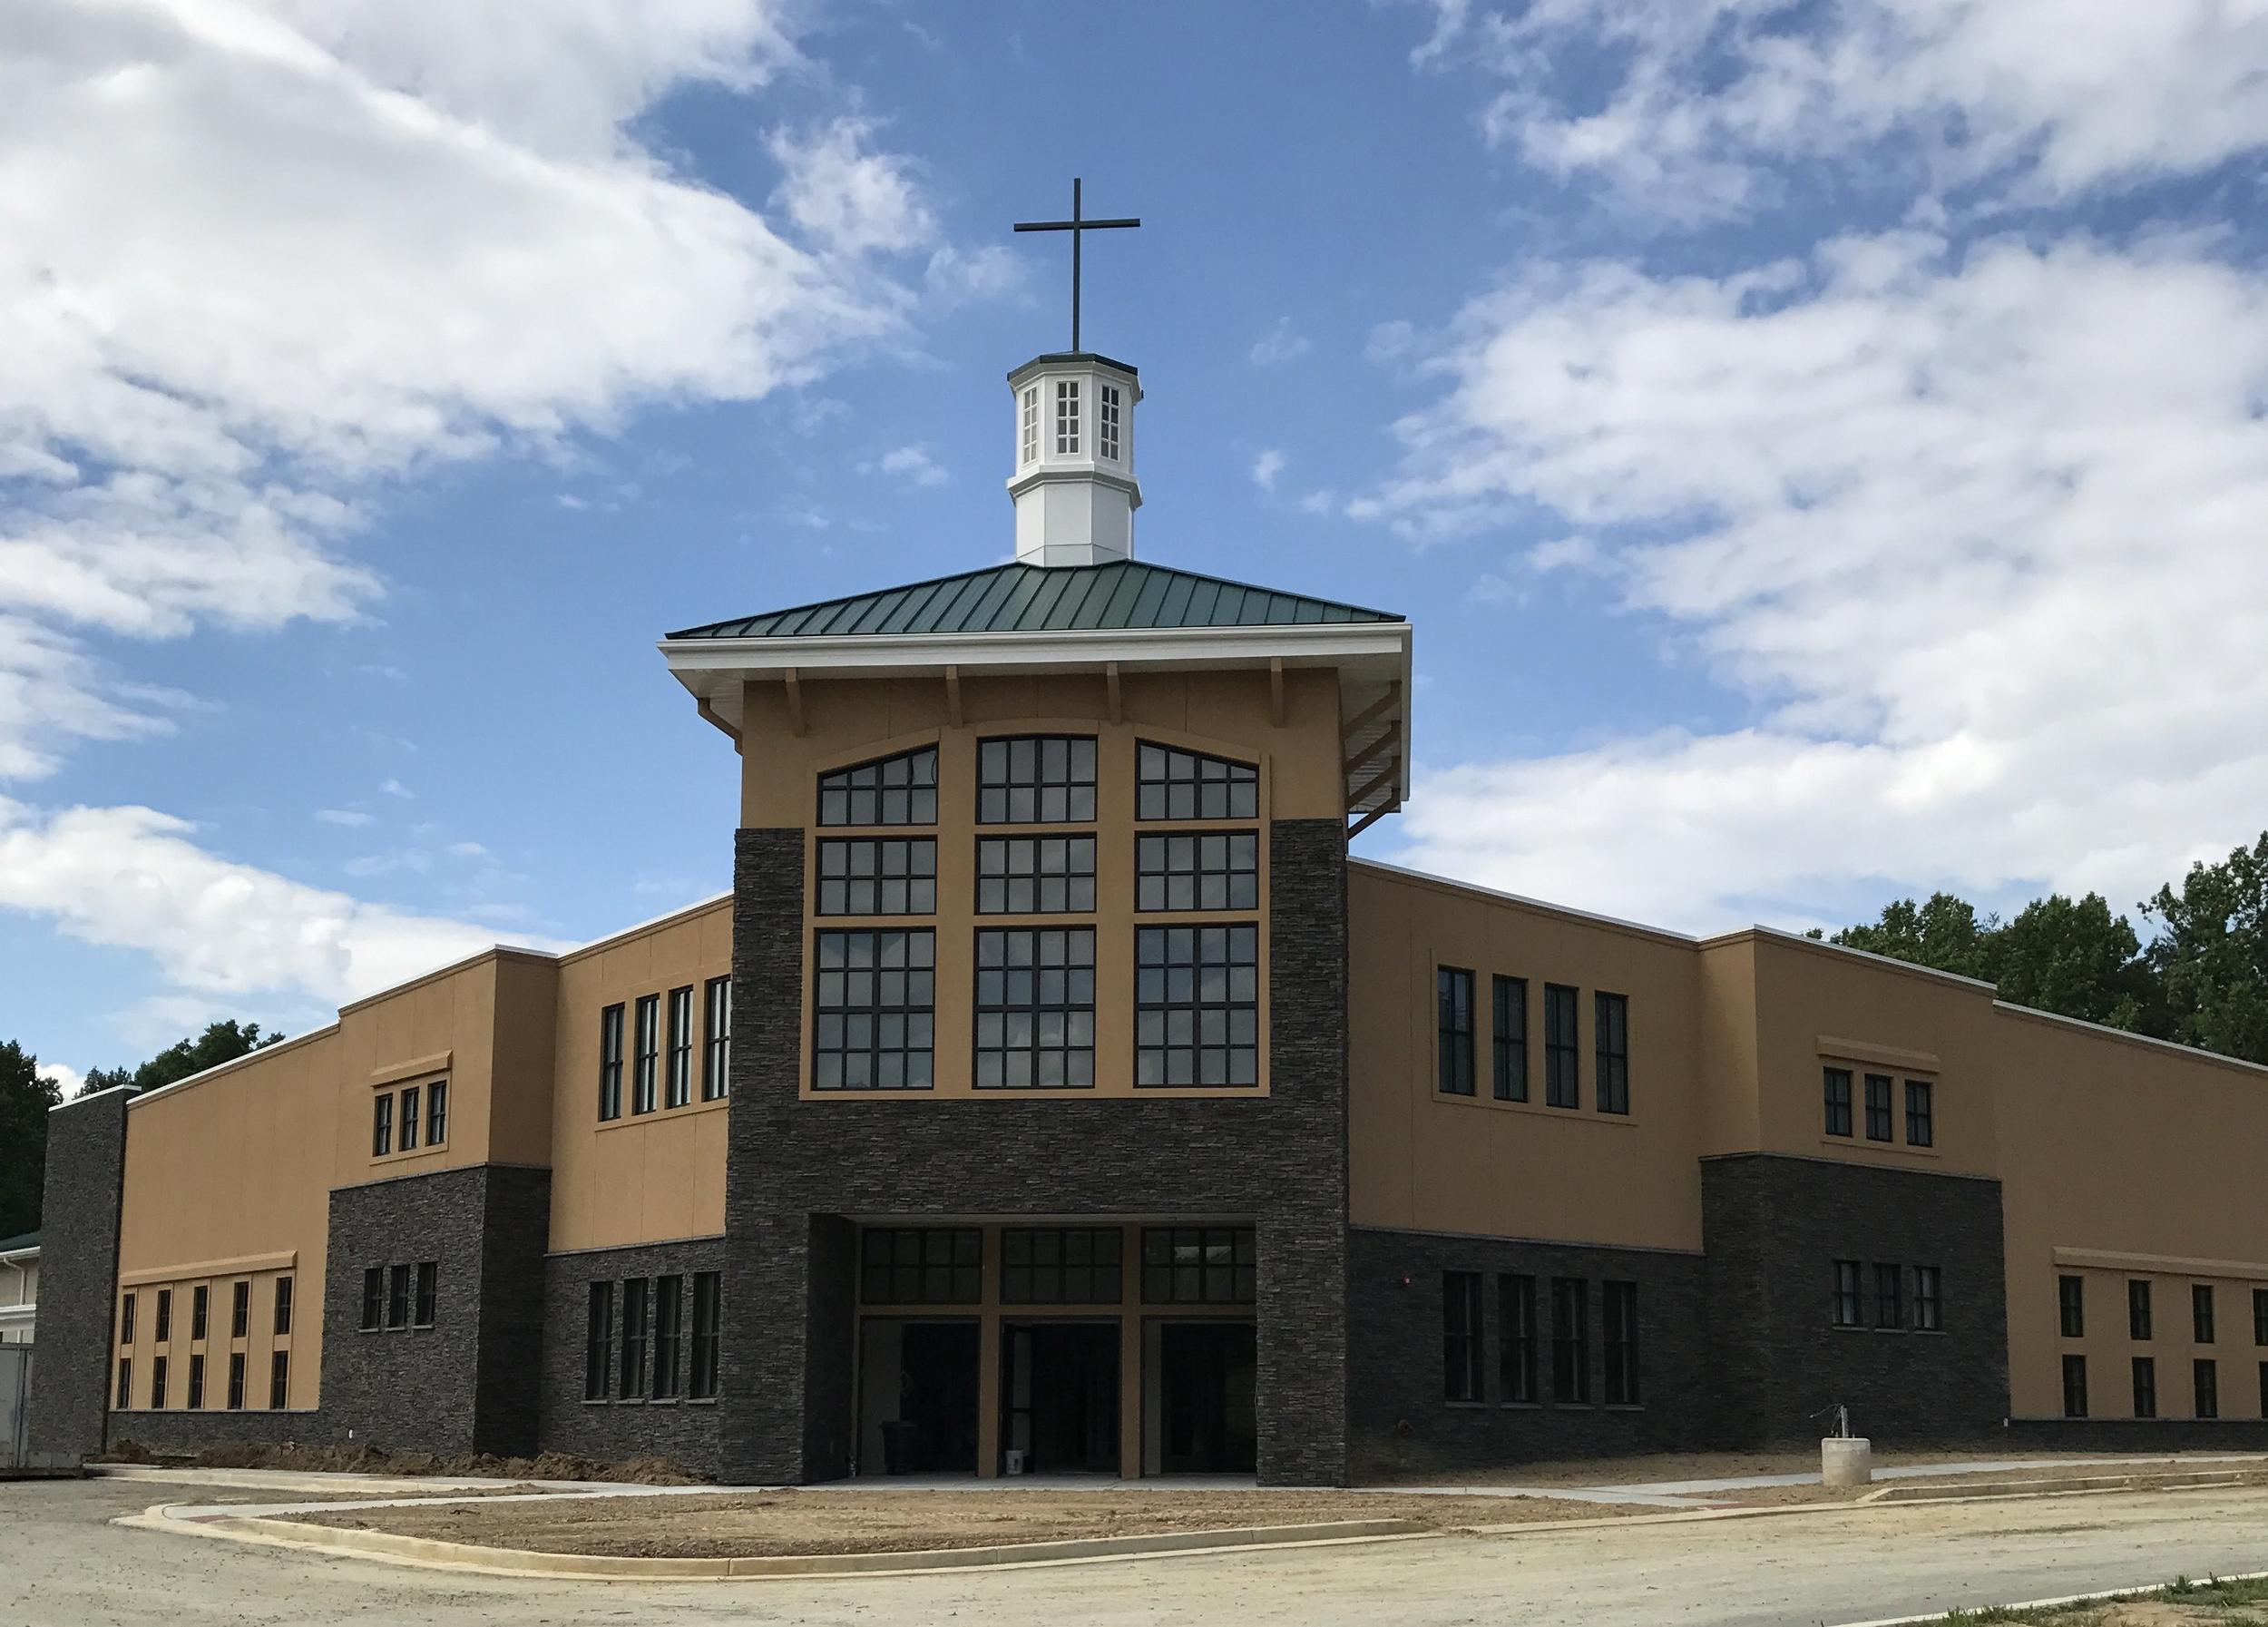 Reaching Hearts International Seventh-day Adventist Church, 6100 Brooklyn Bridge Road, Laurel, MD 20707